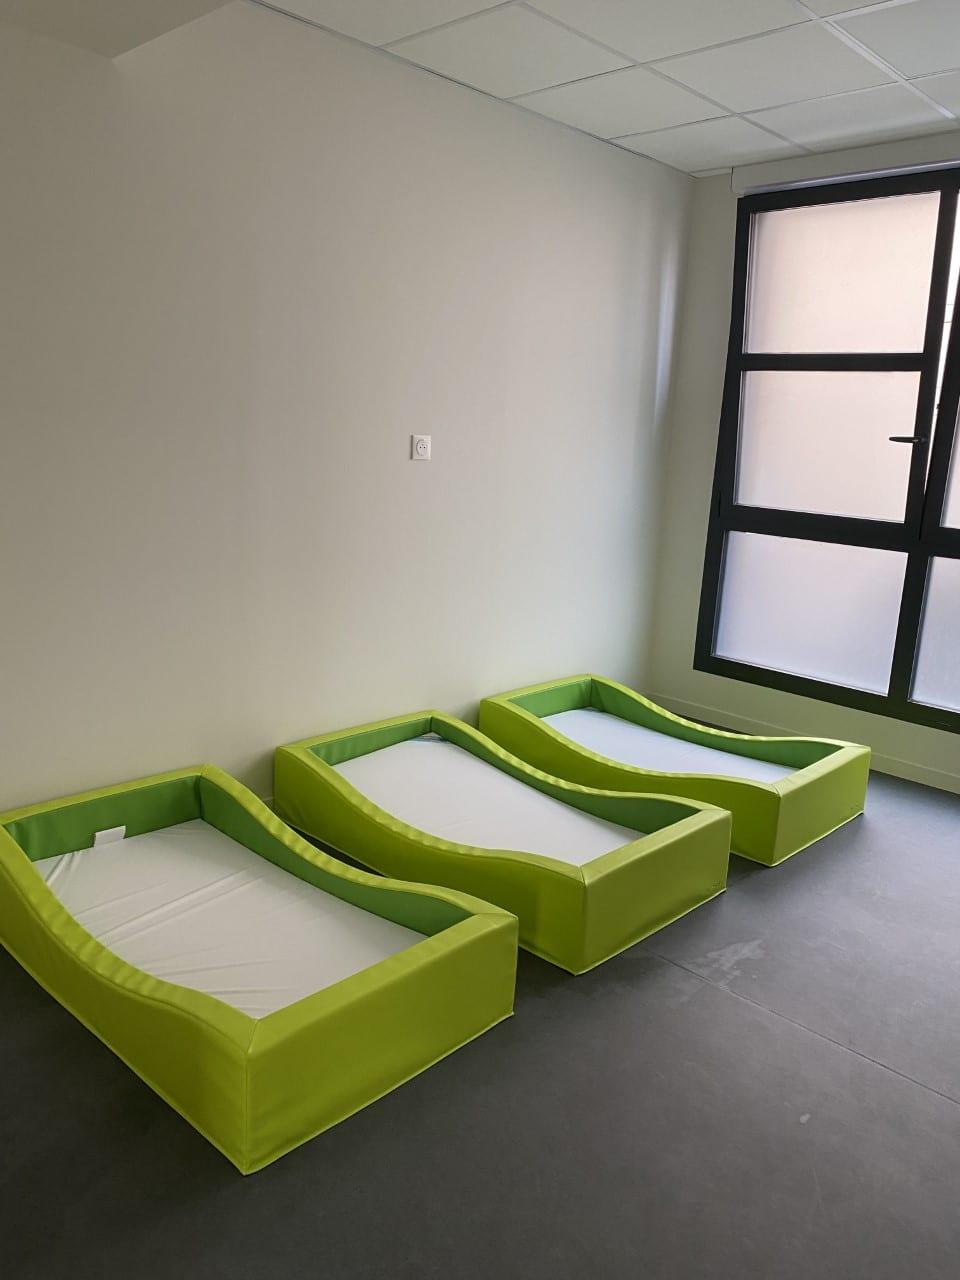 Dortoir avec lits verts micro crèche rouen